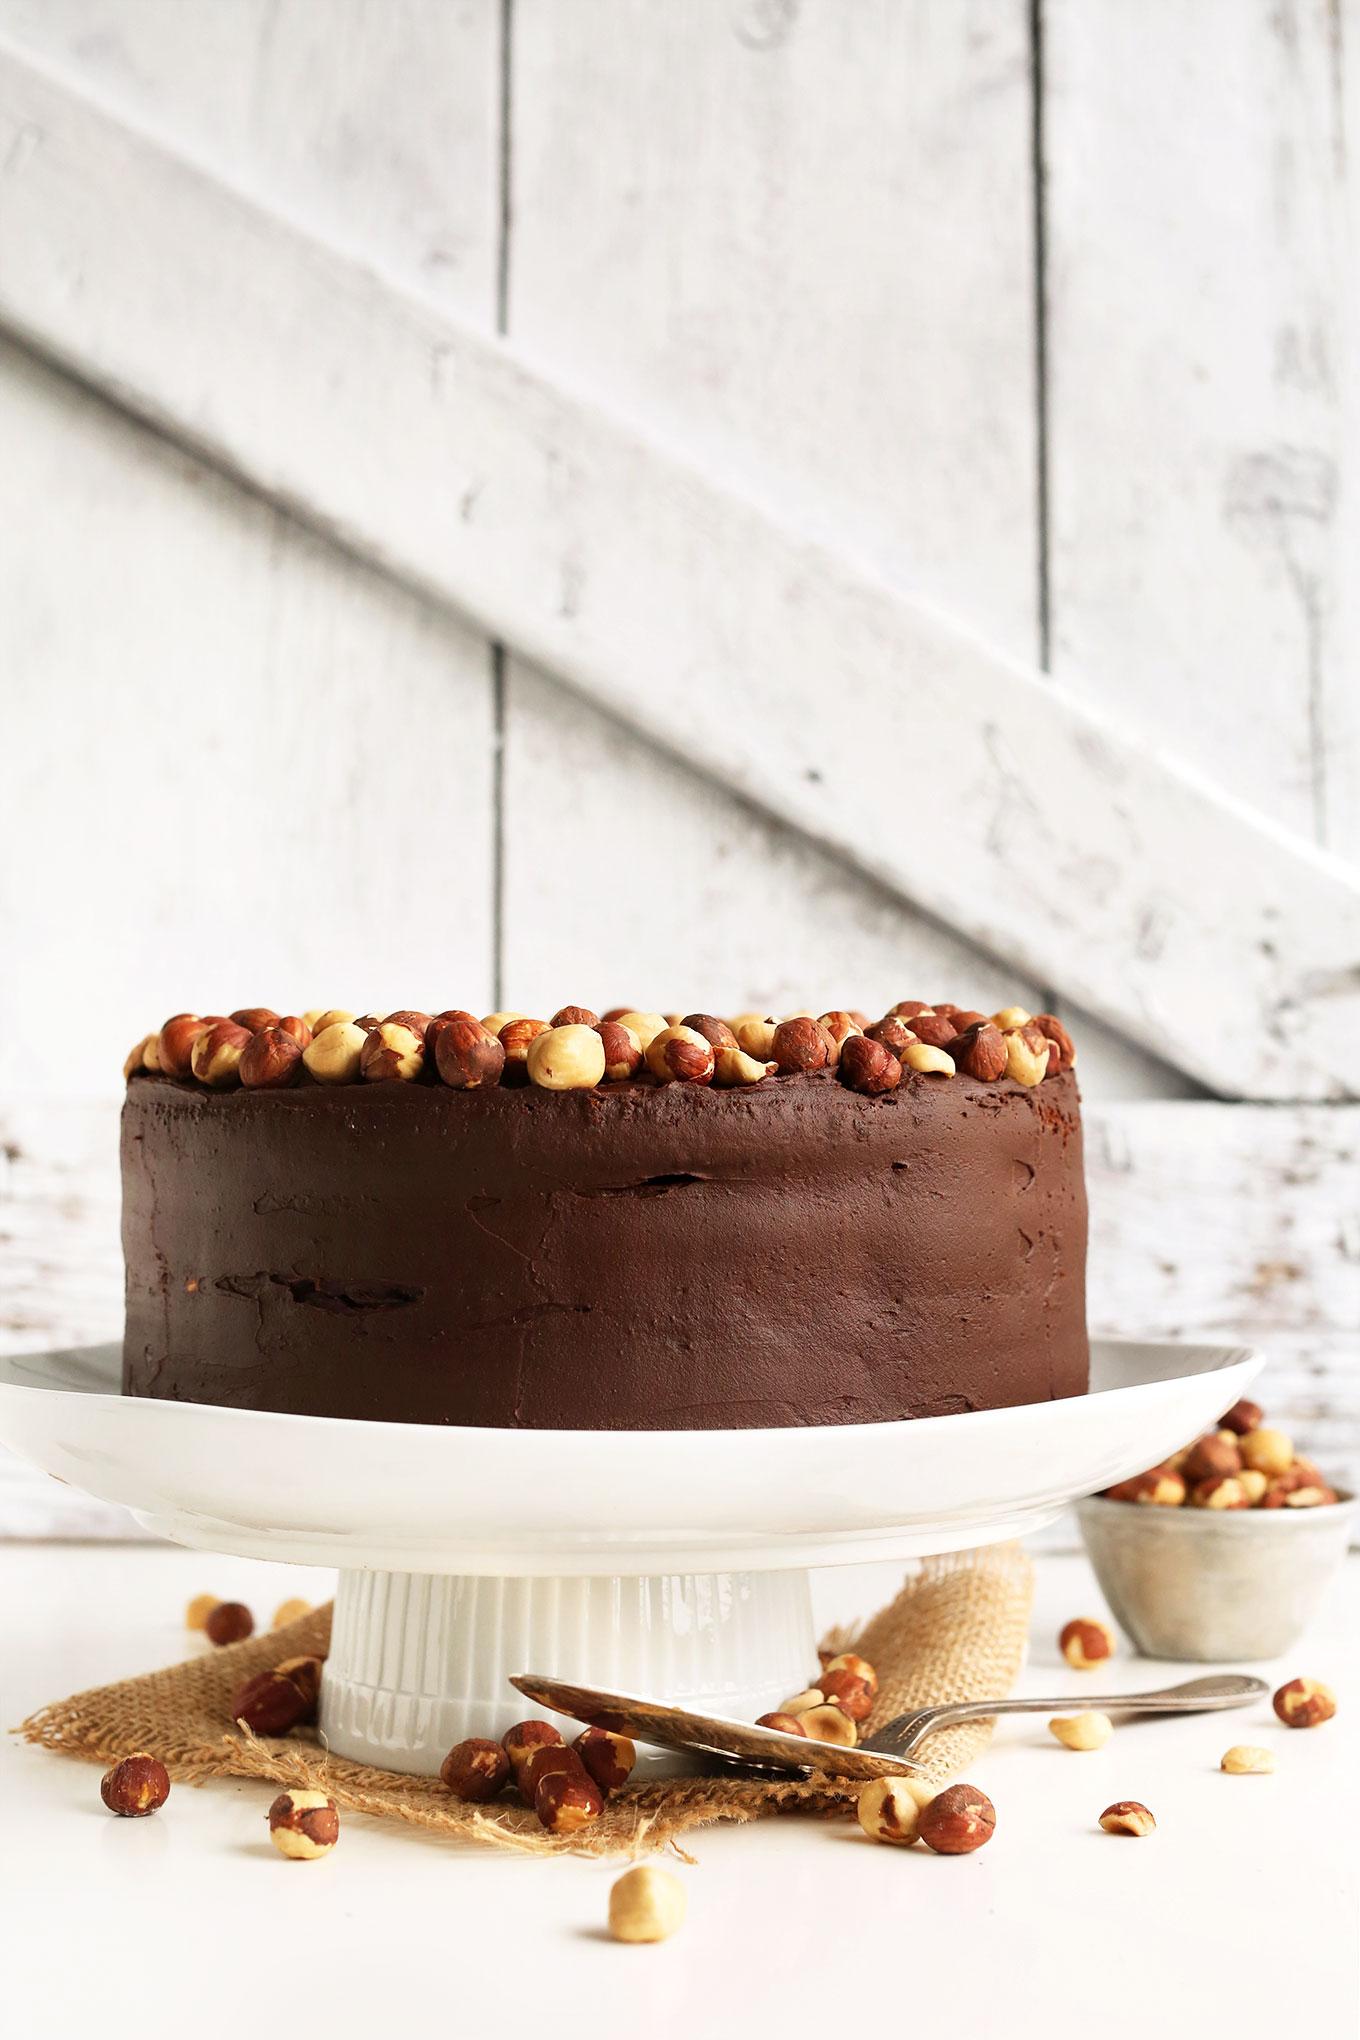 Chocolate Hazelnut Cake Images : 1 Bowl Chocolate Hazelnut Cake (Vegan + GF) - Minimalist Baker